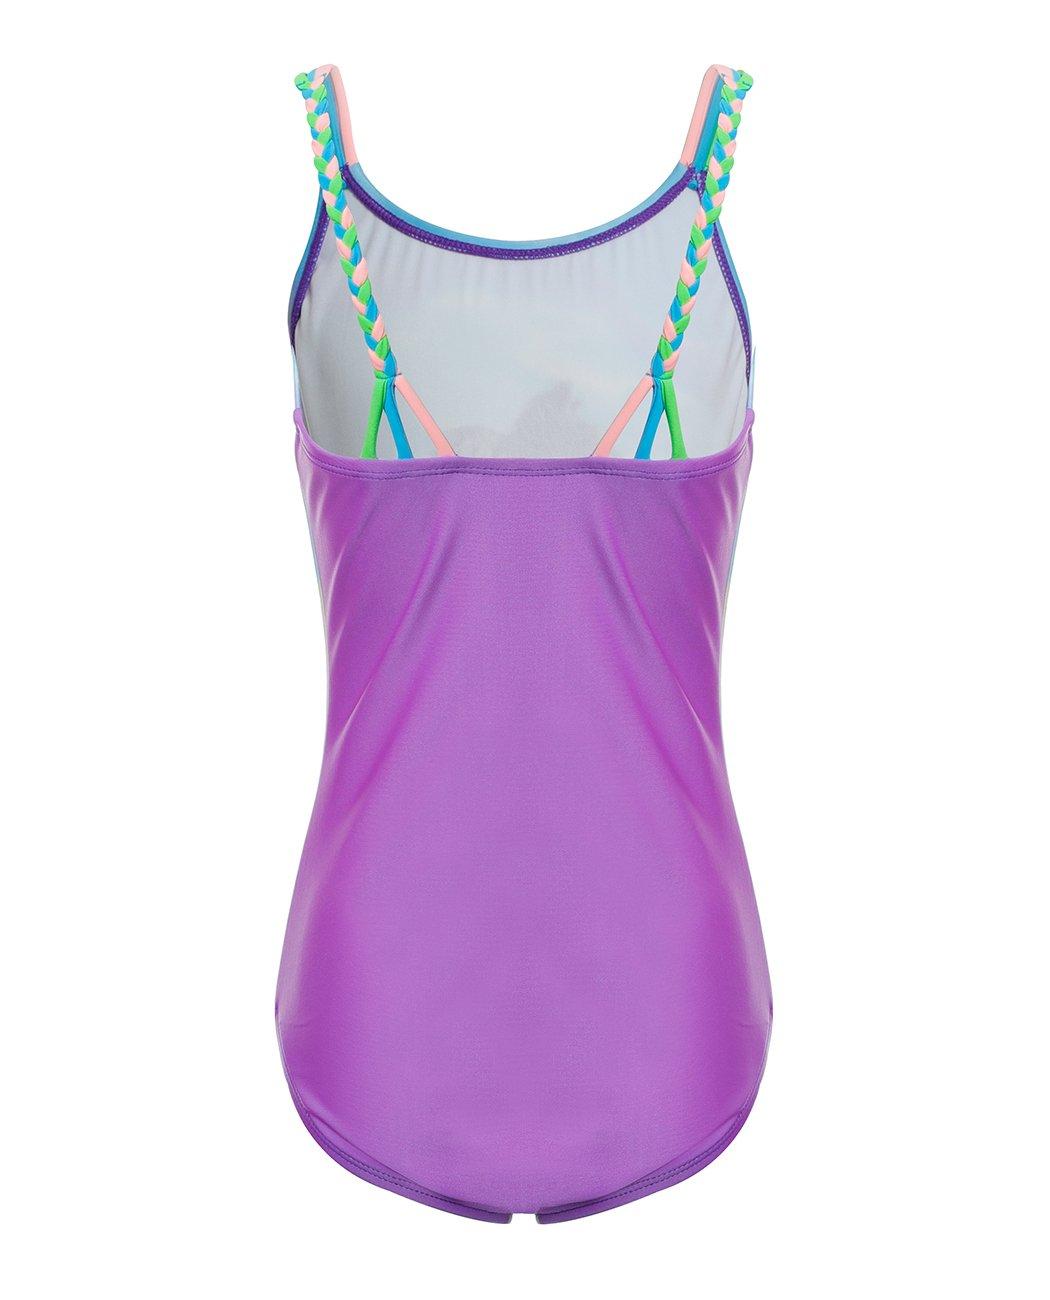 iDrawl Cute Zebra One Piece Beach Sport Swimsuit for Girls by iDrawl (Image #2)